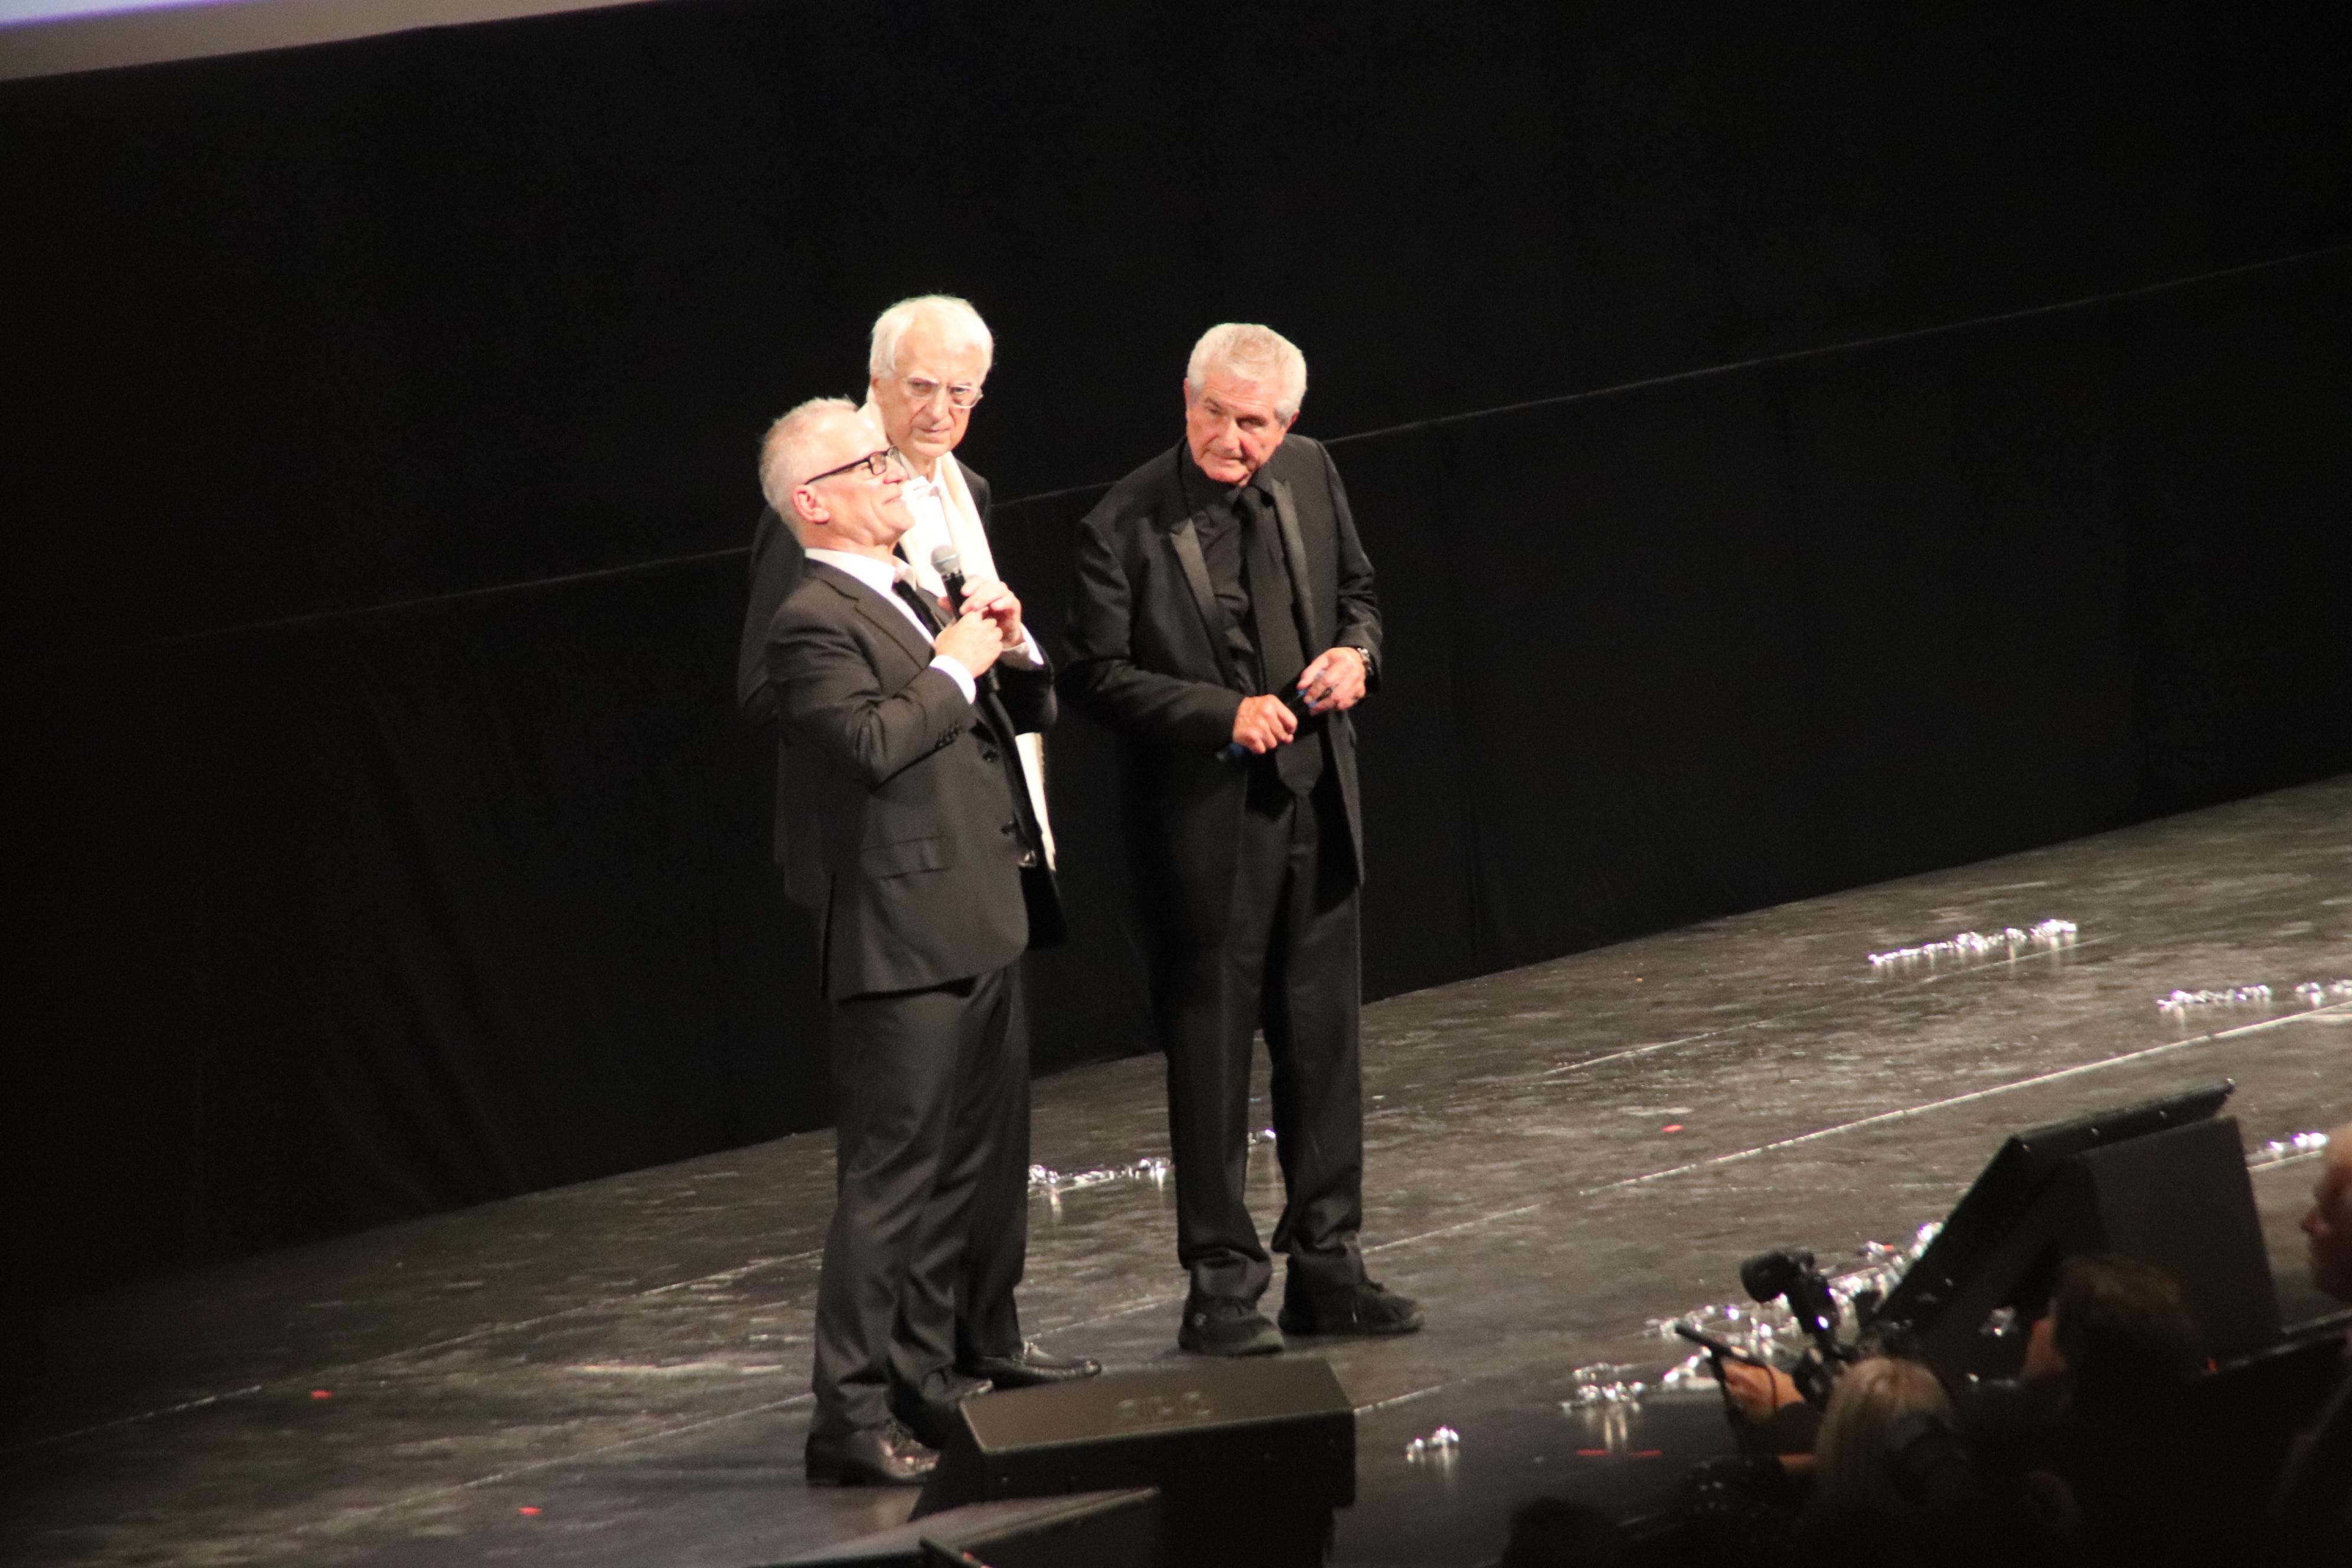 Thierry Frémaux, directeur de l'institut Lumière, aux côtés de Bertrand Tavernier, président de cet institut, et du cinéaste Claude Lelouch © Flora Chaduc